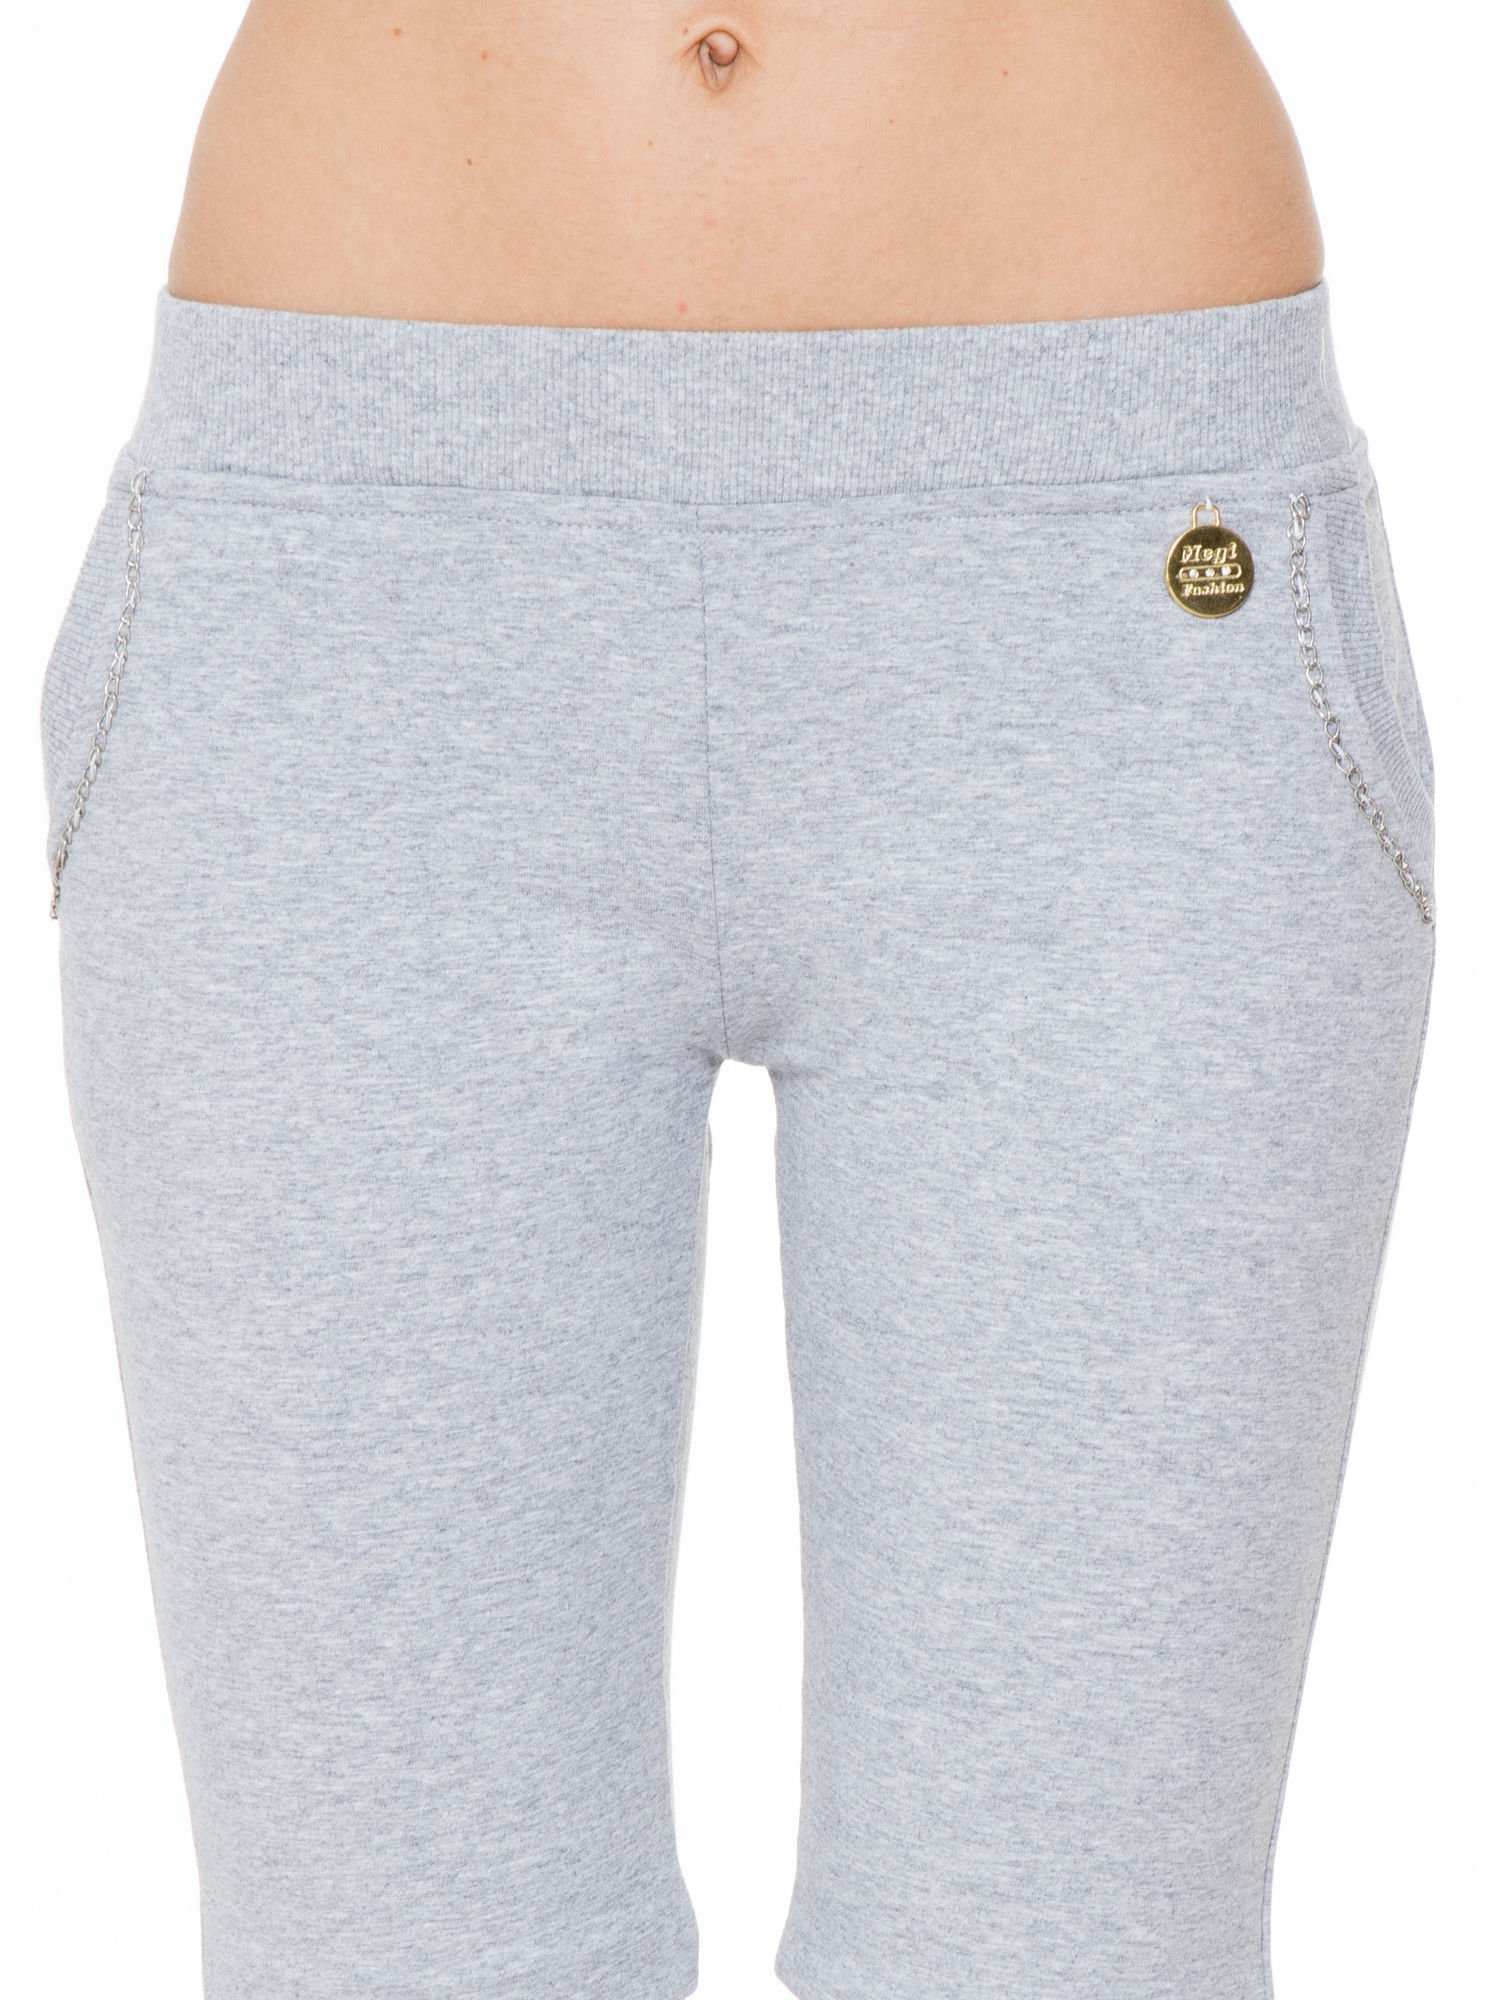 Szare spodnie dresowe z łańcuszkami przy kieszeniach                                  zdj.                                  5